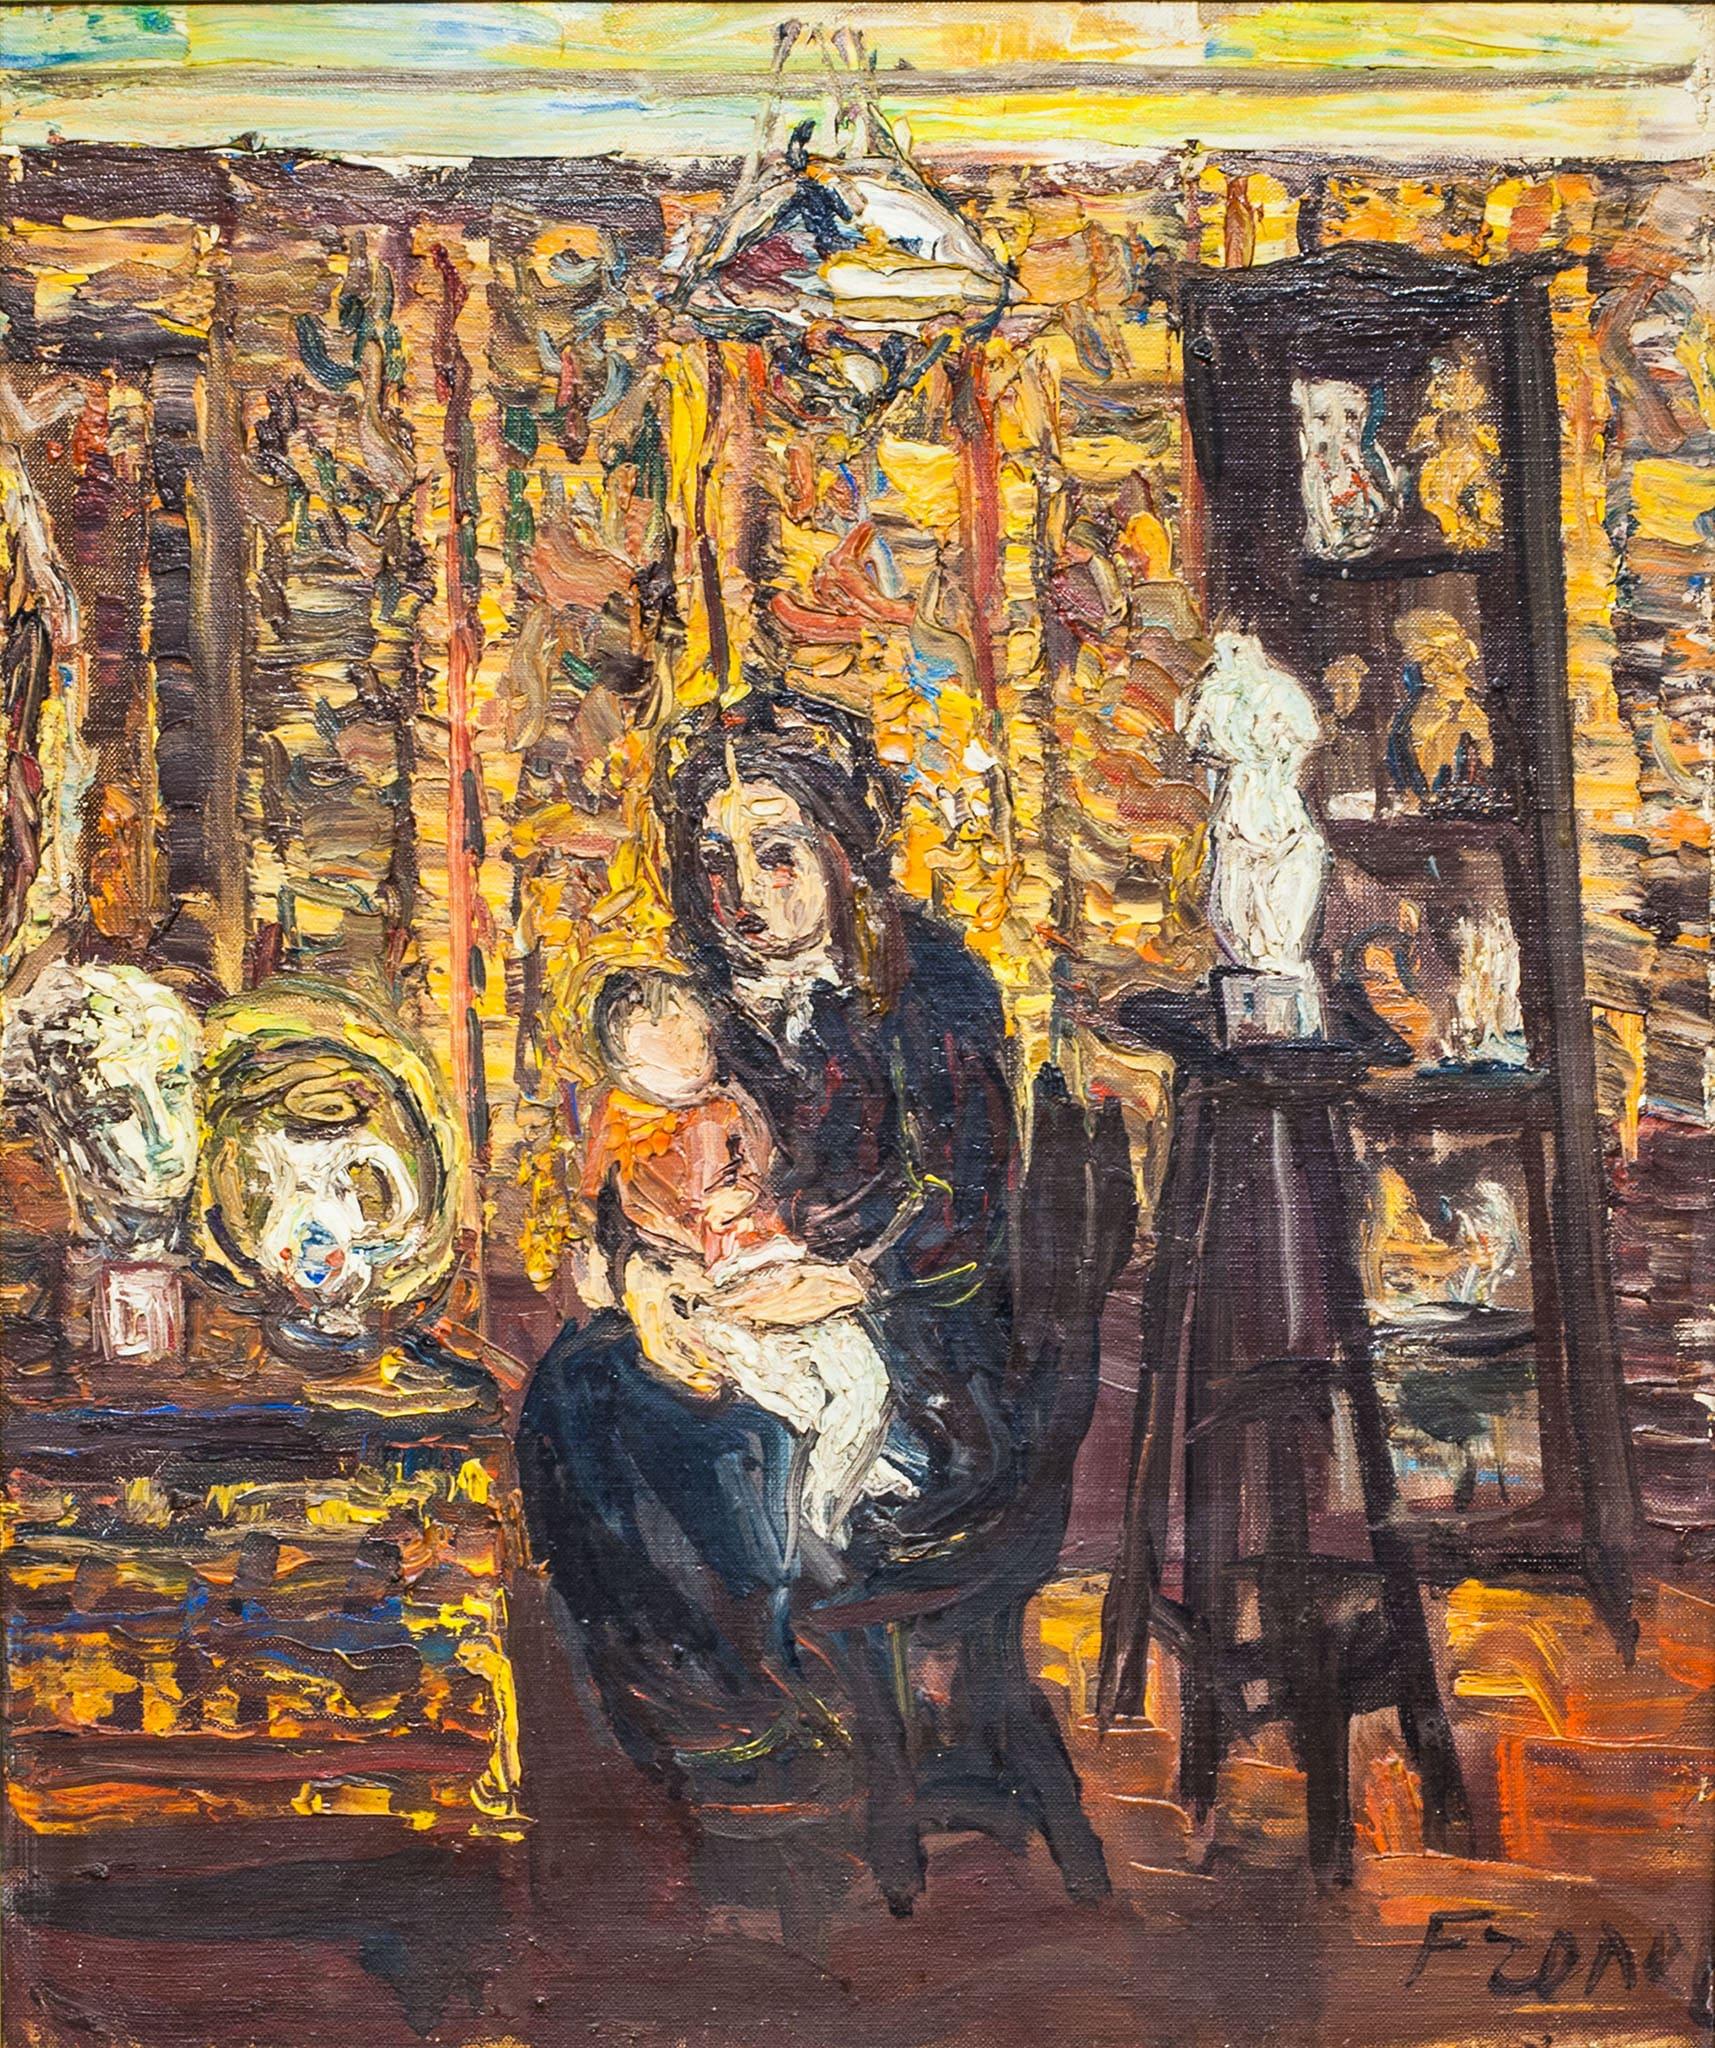 """יצחק פרנקל-פרנל, """"אישה עם ילד"""", שמן על בד, 46x55 ס""""מ"""